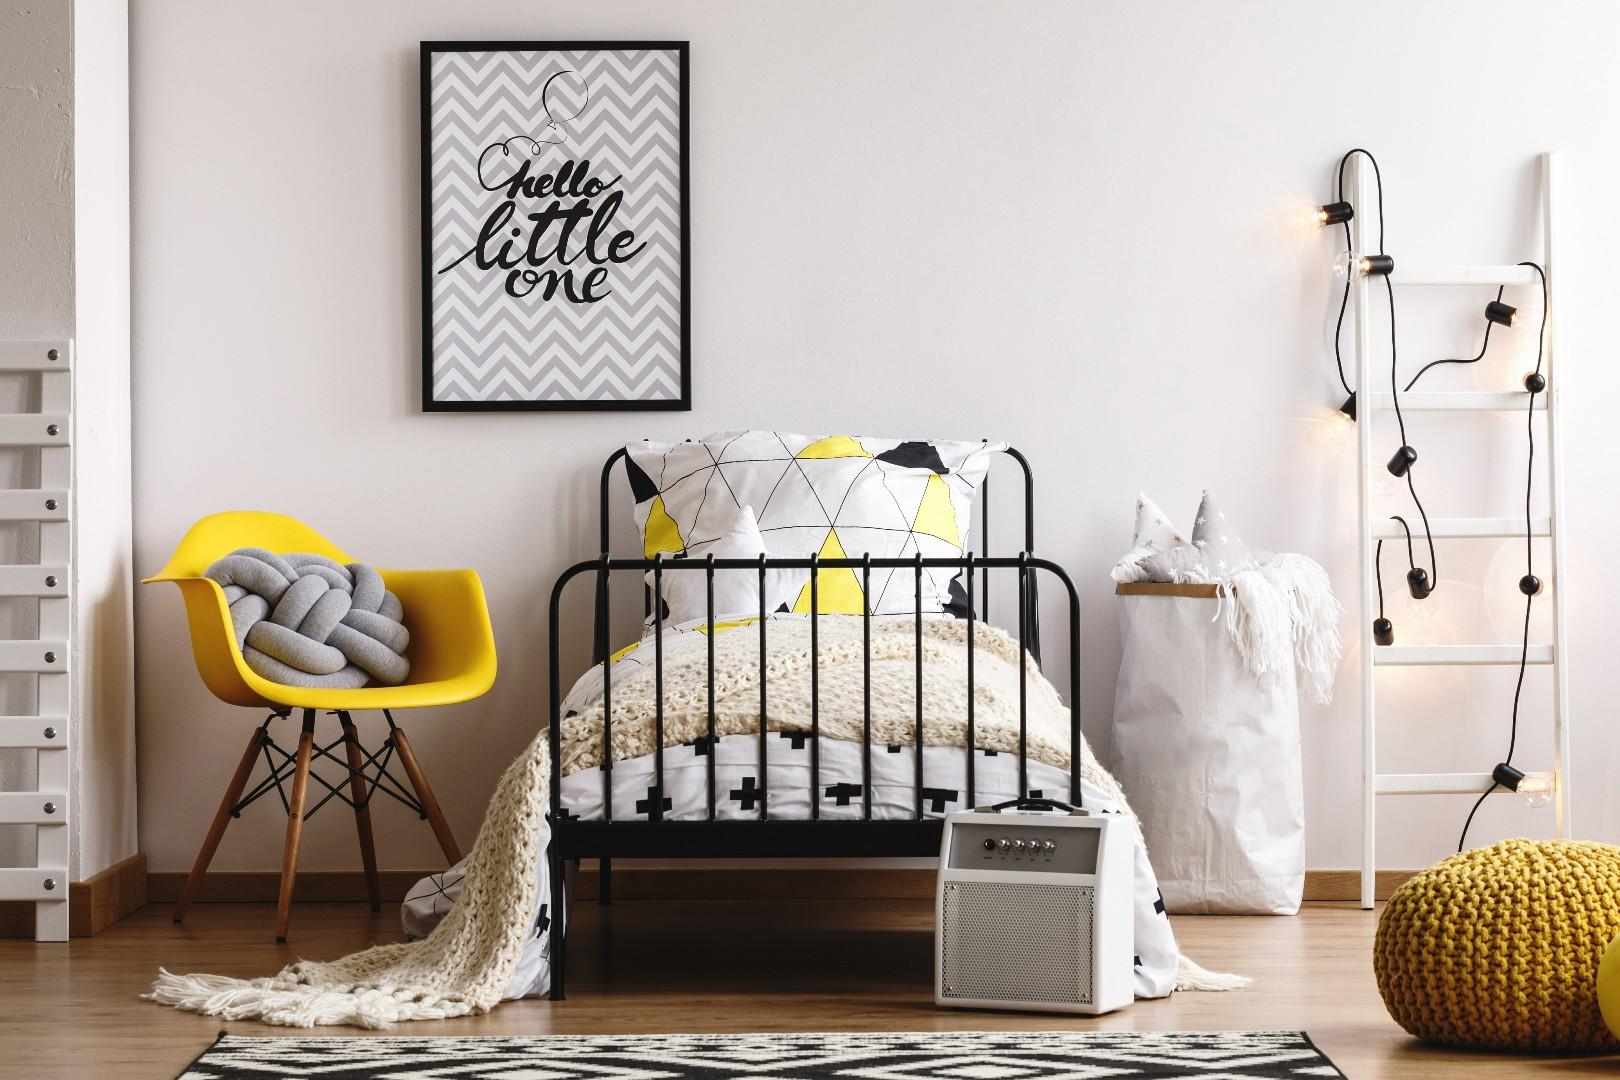 comment d corer une chambre d amis home coaching. Black Bedroom Furniture Sets. Home Design Ideas